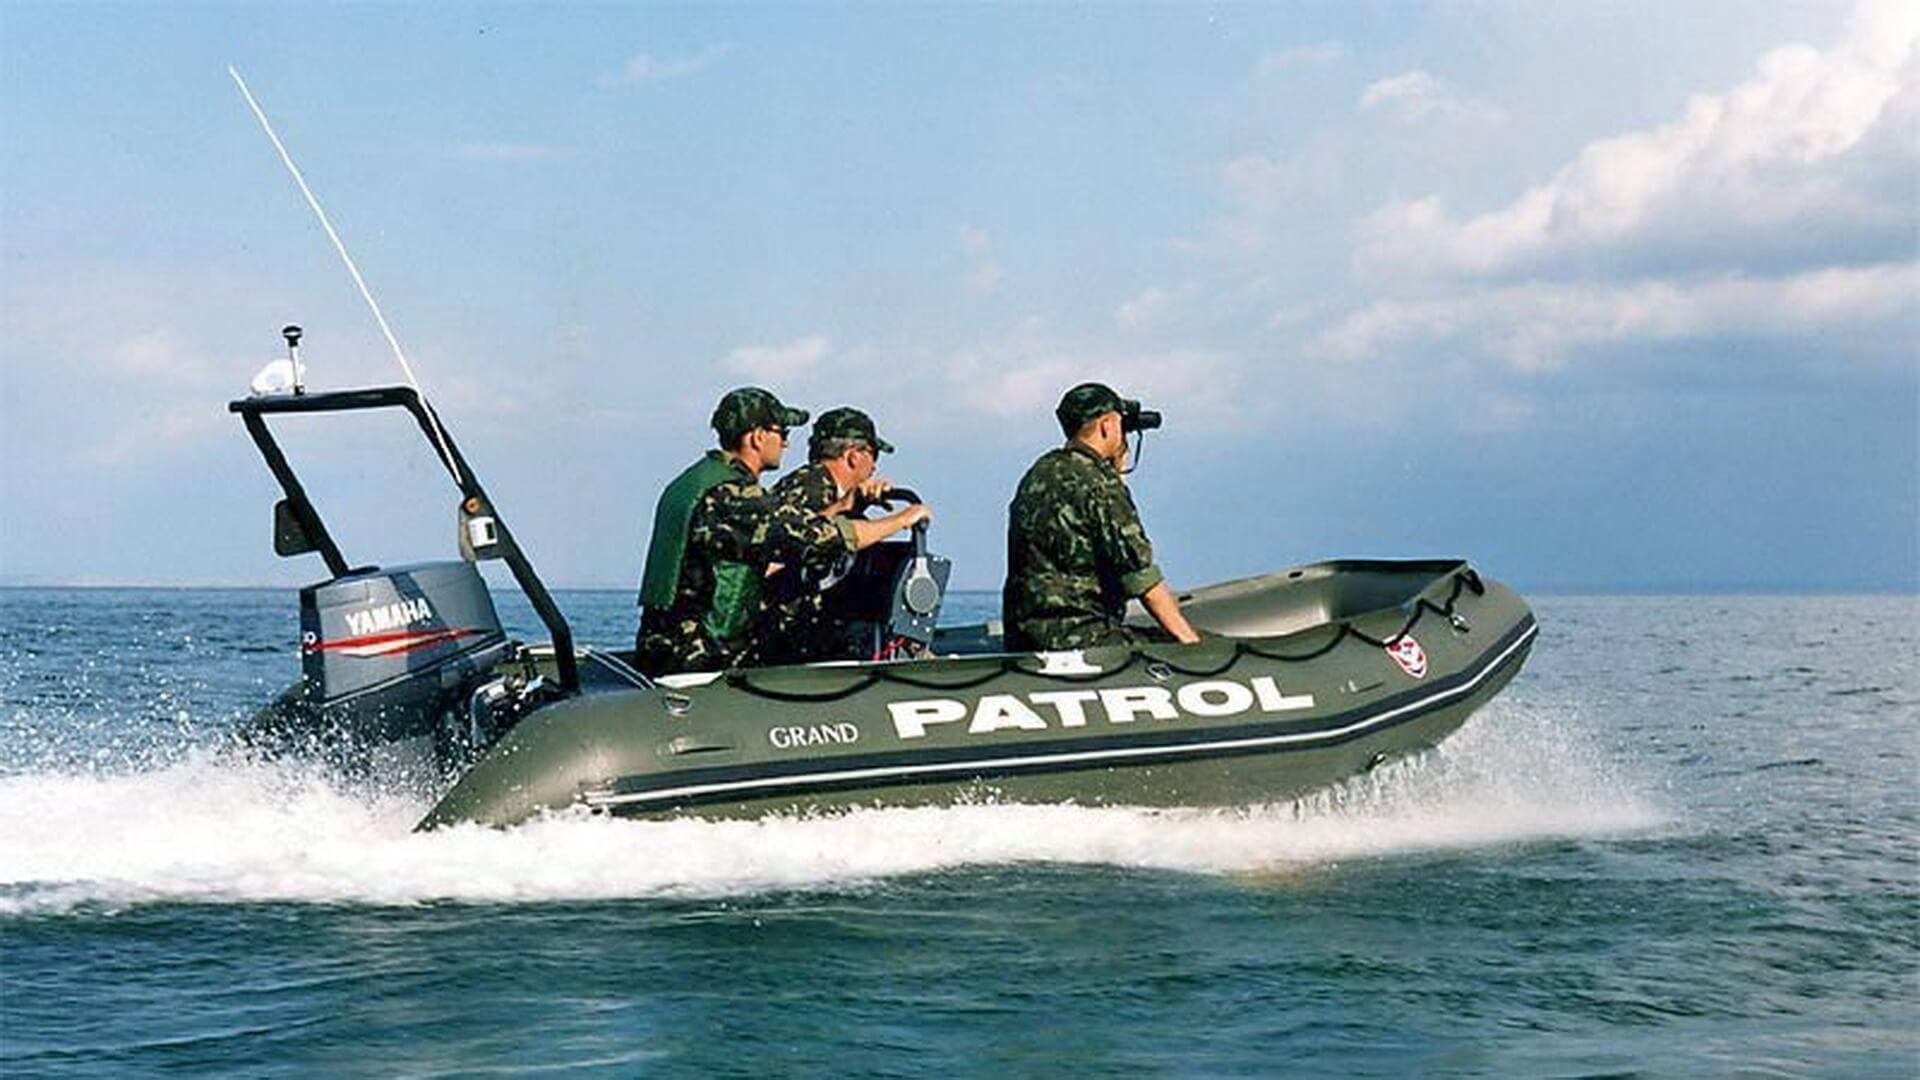 Складная надувная лодка с настилом GRAND Ranger R380, Надувная лодка GRAND Ranger R380, GRAND Ranger R380, GRAND R380, Надувная лодка GRAND, Надувная лодка ГРАНД, Разборная надувная лодка с настилом, Разборная надувная лодка, Fordable Boats